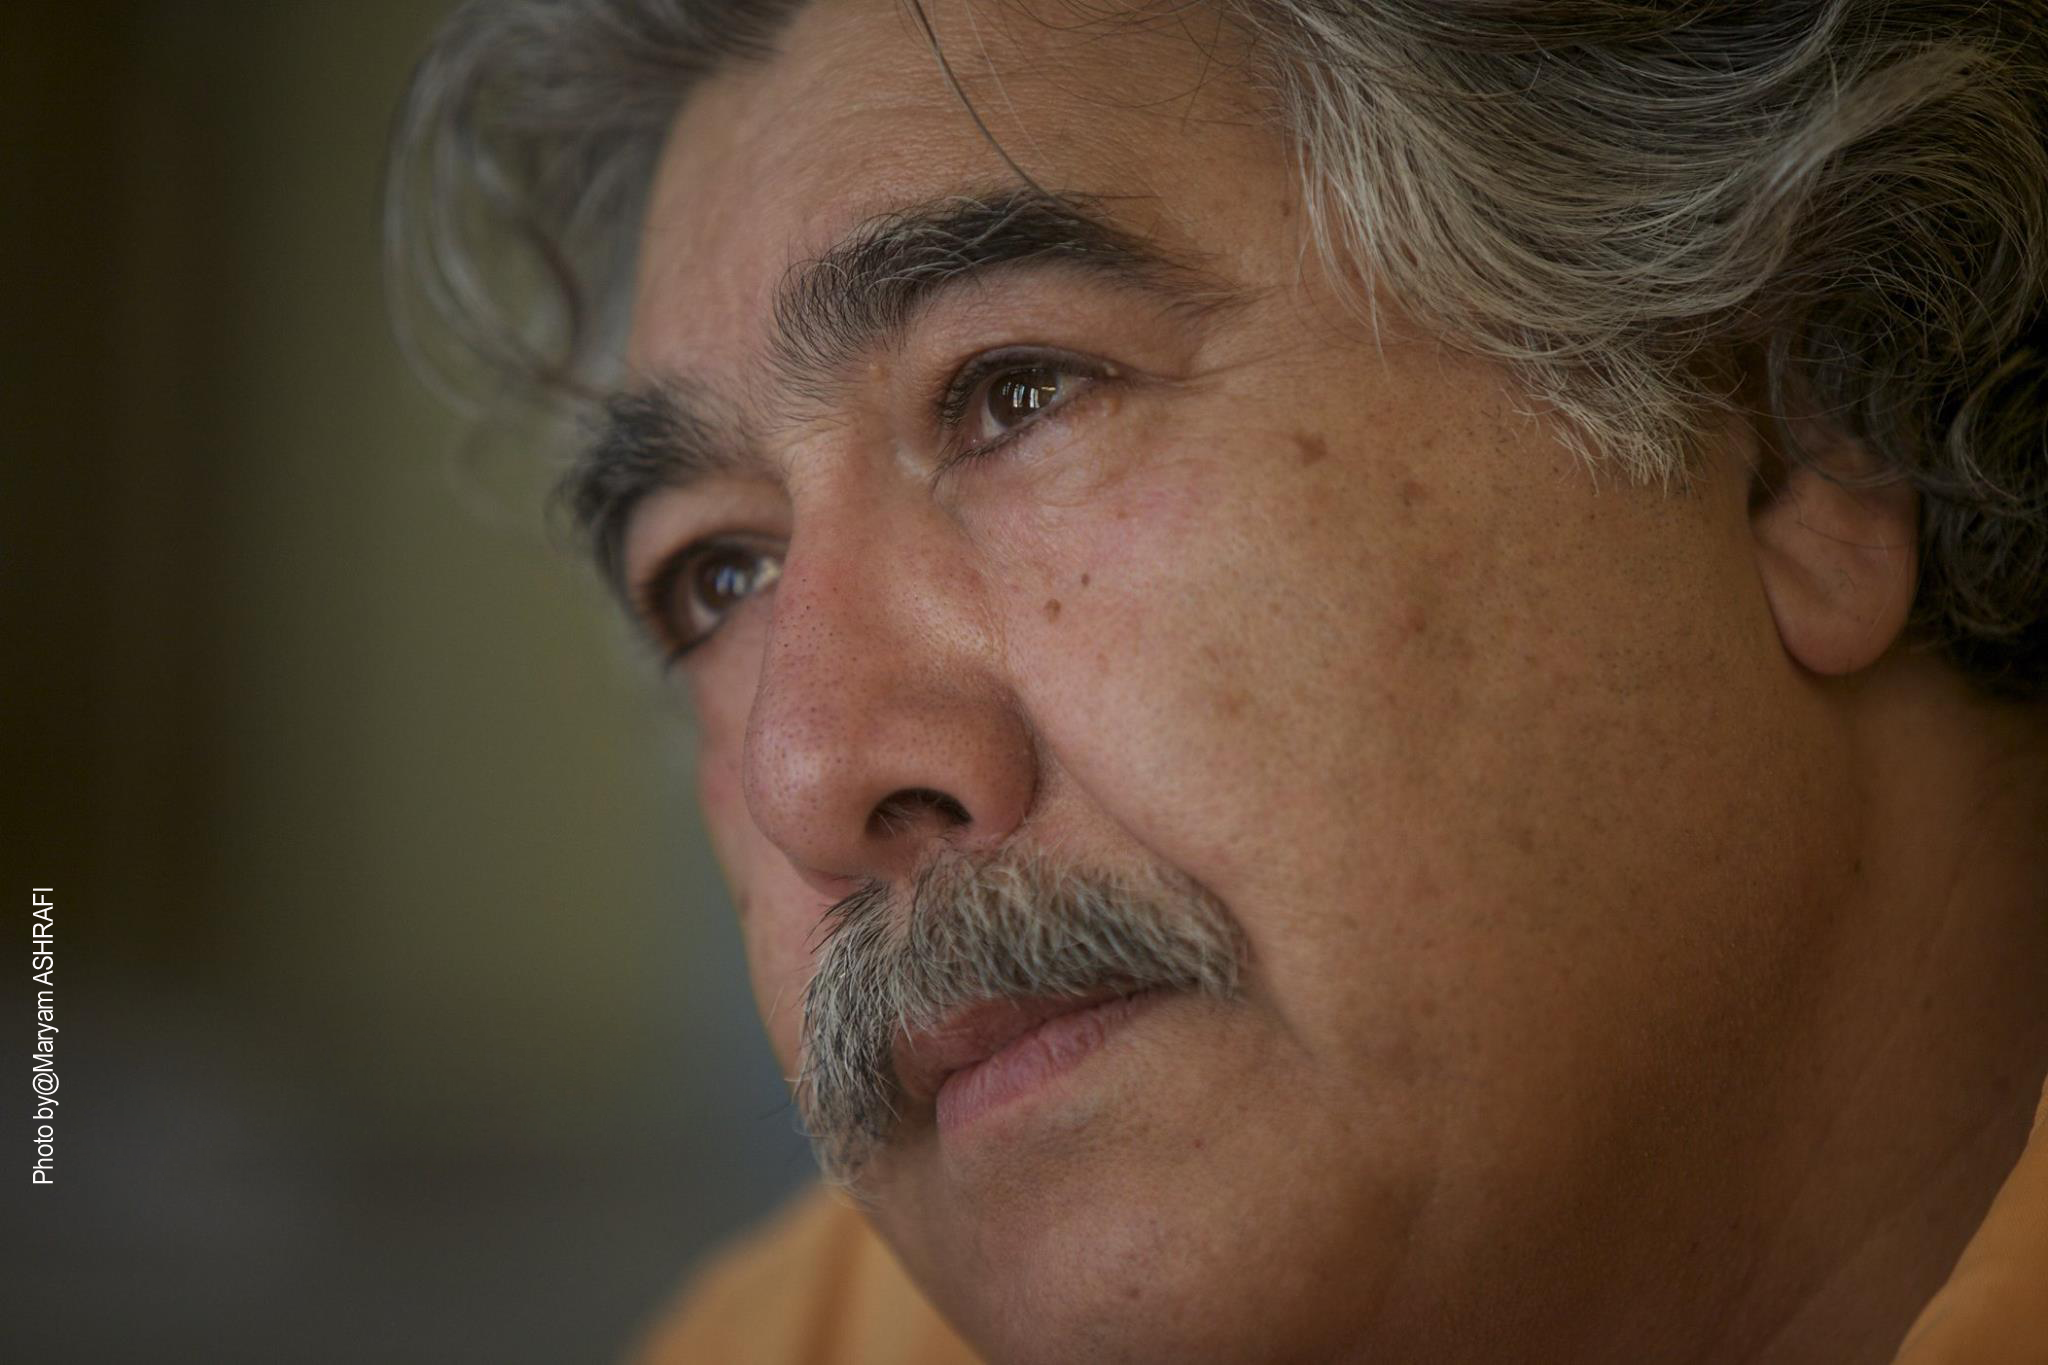 رضا دانشور، نویسنده ایرانی ساکن پاریس درگذشت